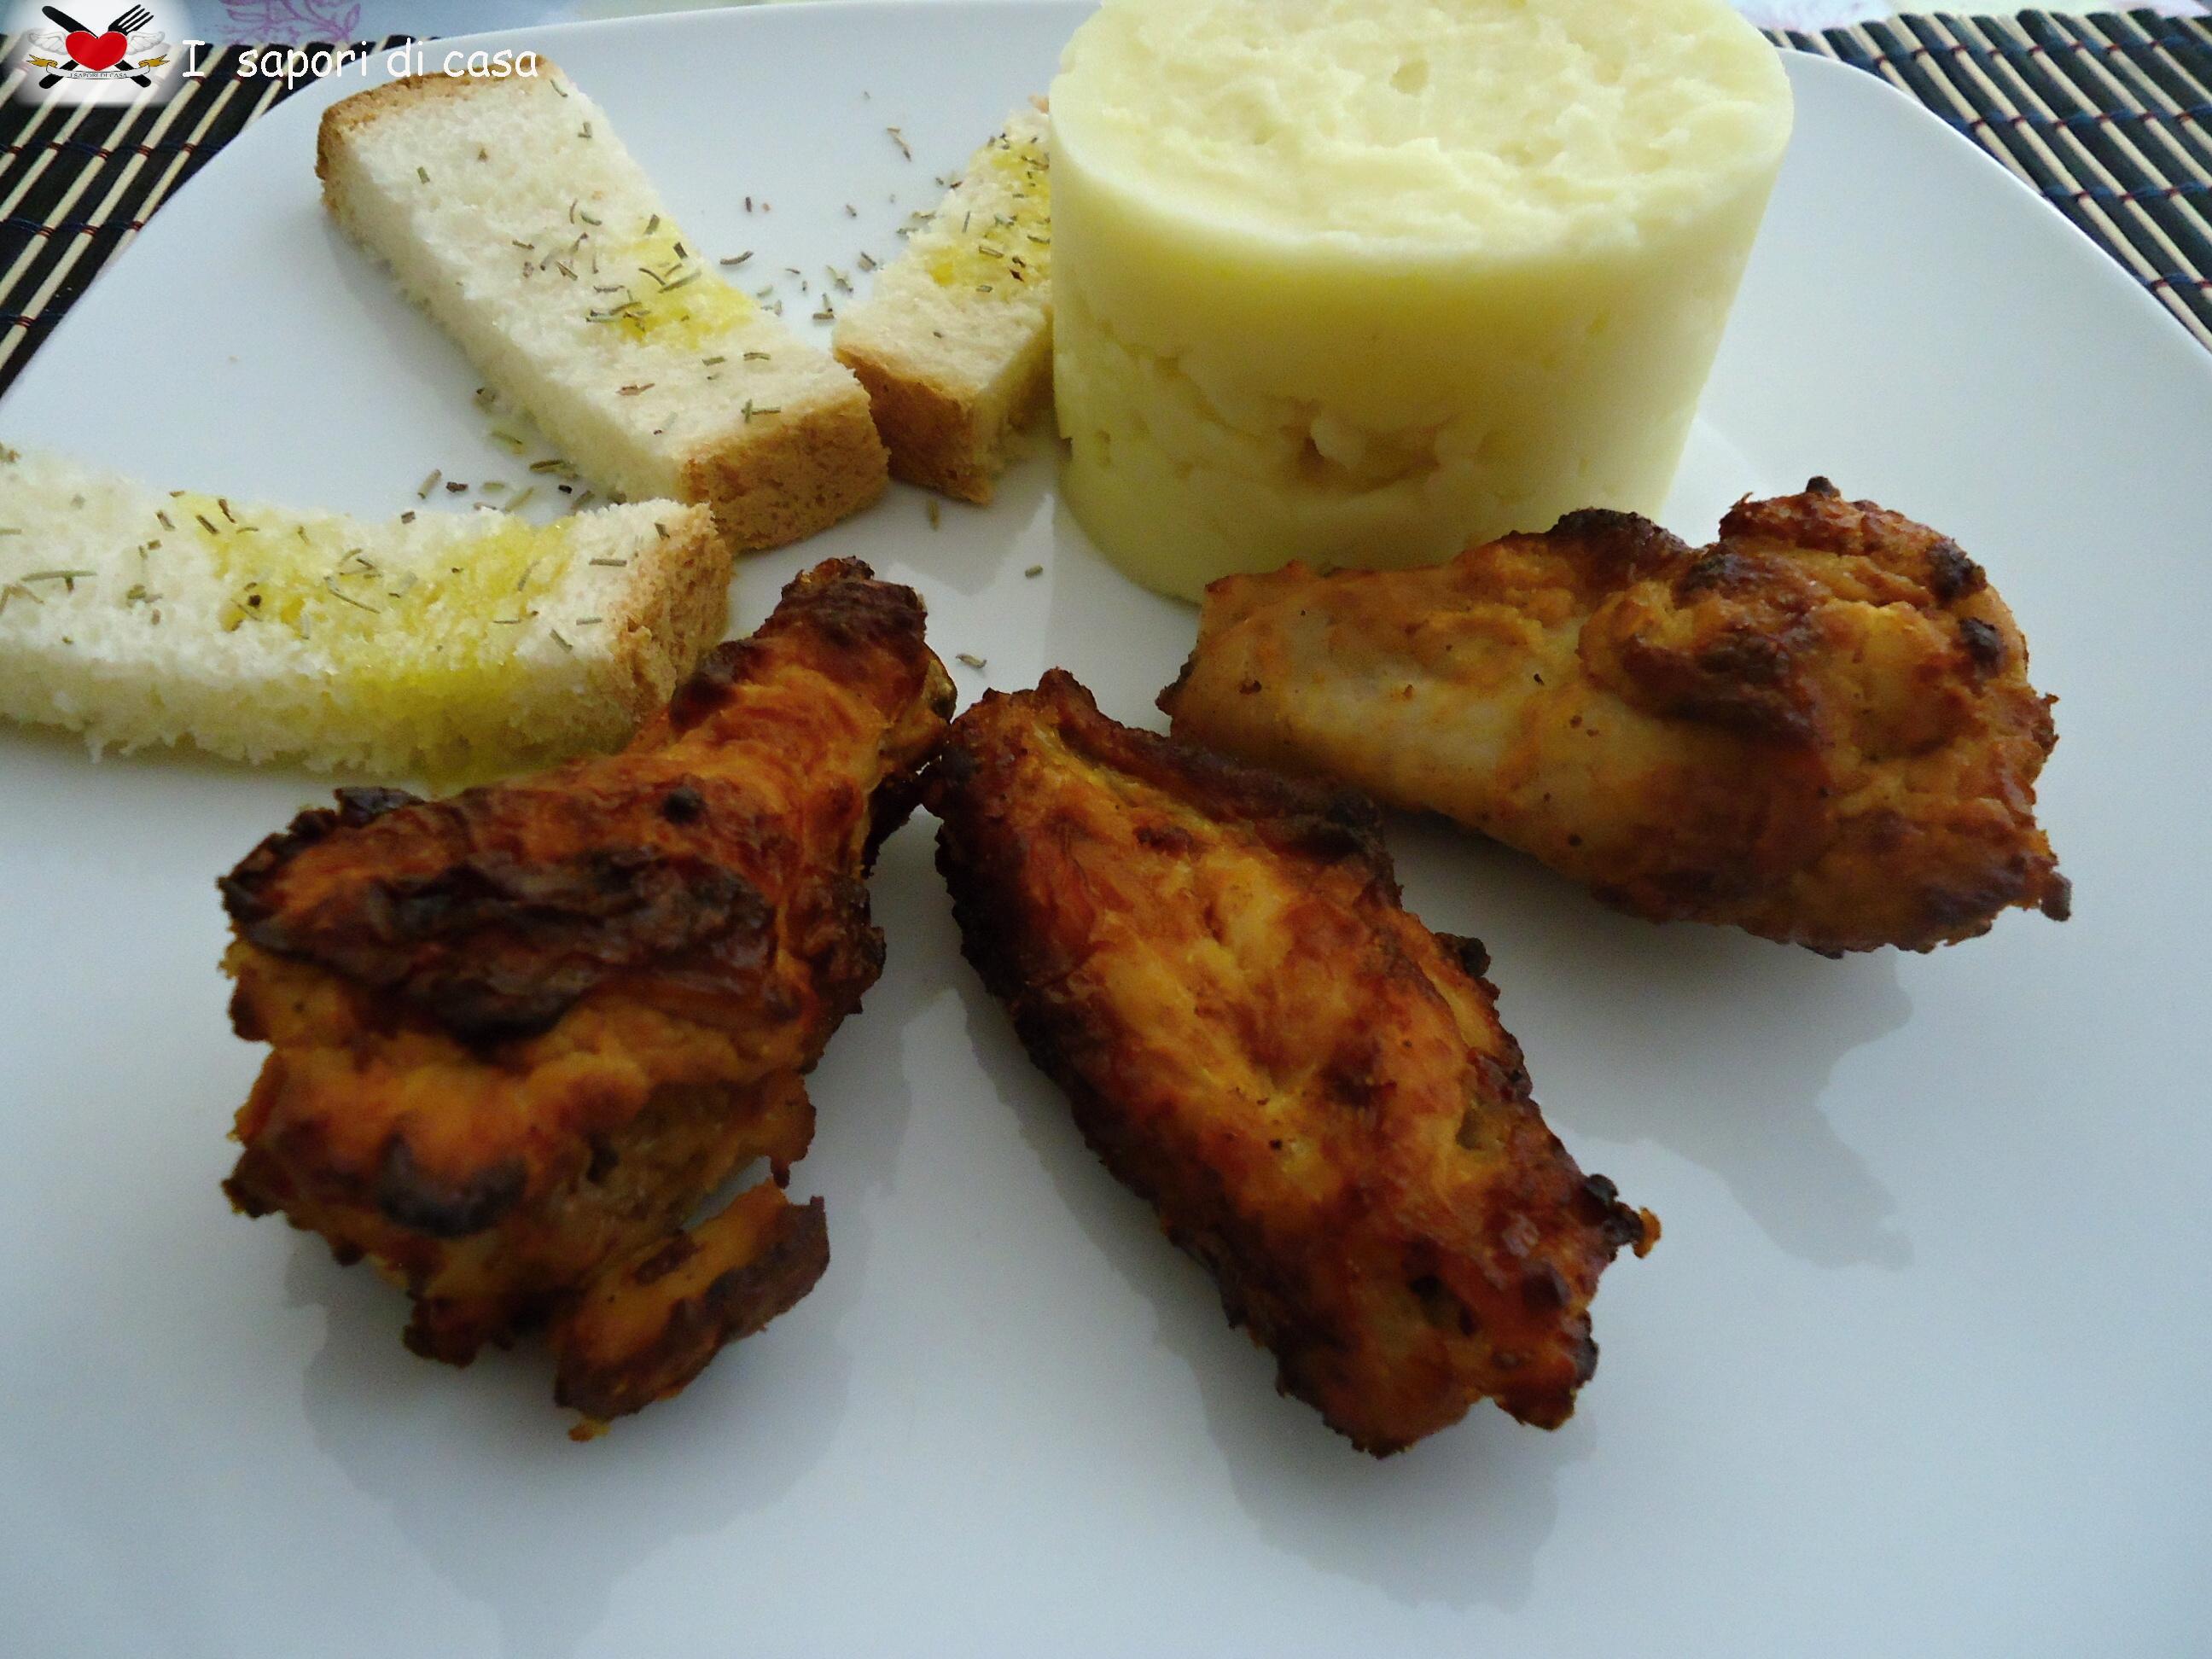 Alette di pollo glassate al forno con purè senza grassi